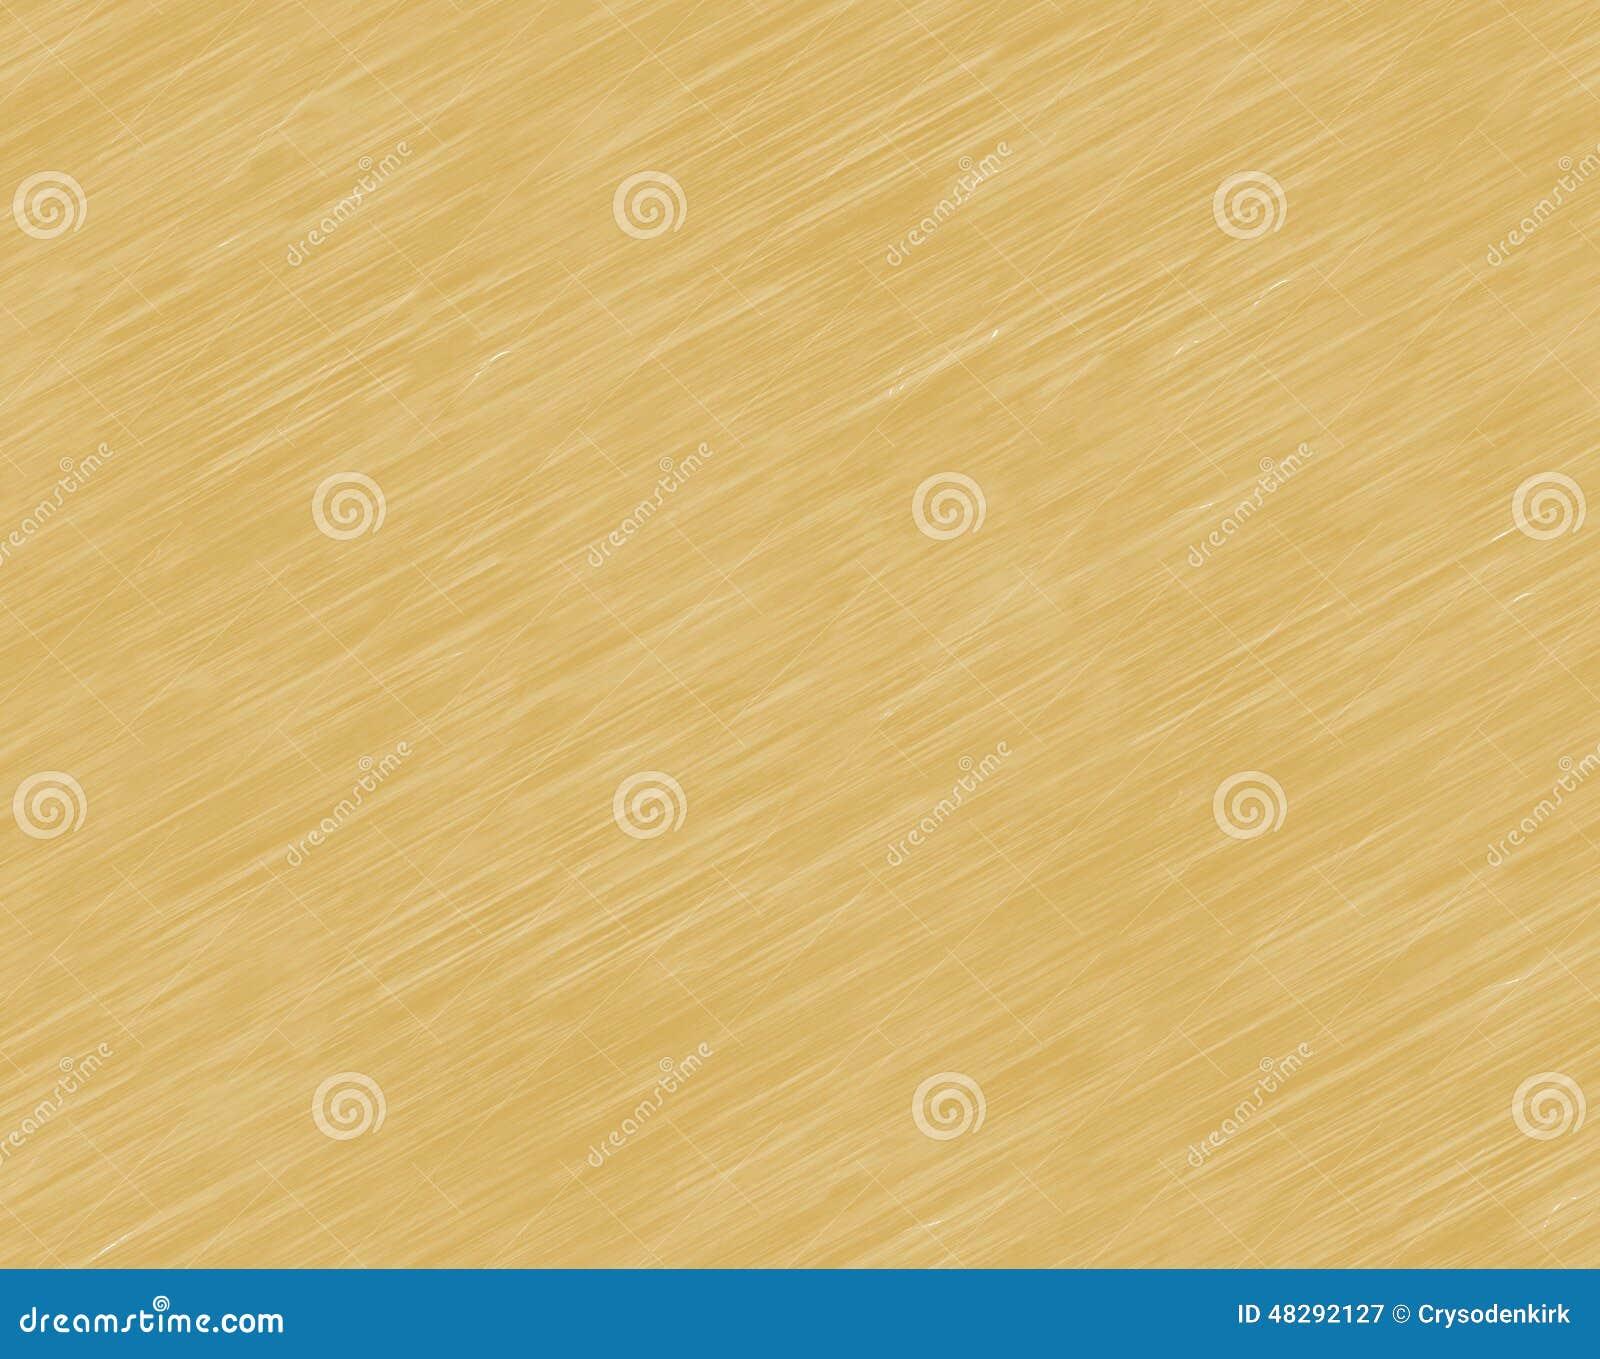 Textur för tegelplatta för solbränd och guld- Wood kornbakgrund sömlös